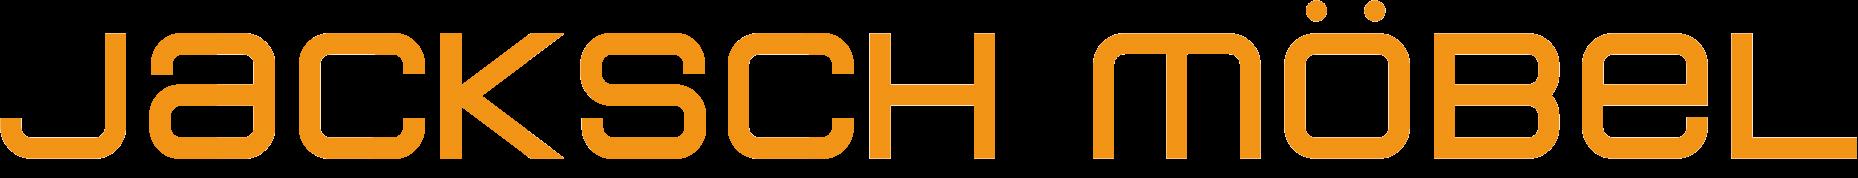 Jacksch Möbel e.U. - Ihr Tischlerei im Bezirk Wels-Land | OÖ | Ihre Tischlerei für Küchen, Wohnmöbel, Kinderzimmer, Schlafzimmer, Geschäftseinrichtungen, Gastronomiebereiche, Büroeinrichtungen aus dem Bezirk Wels-Land - OÖ.